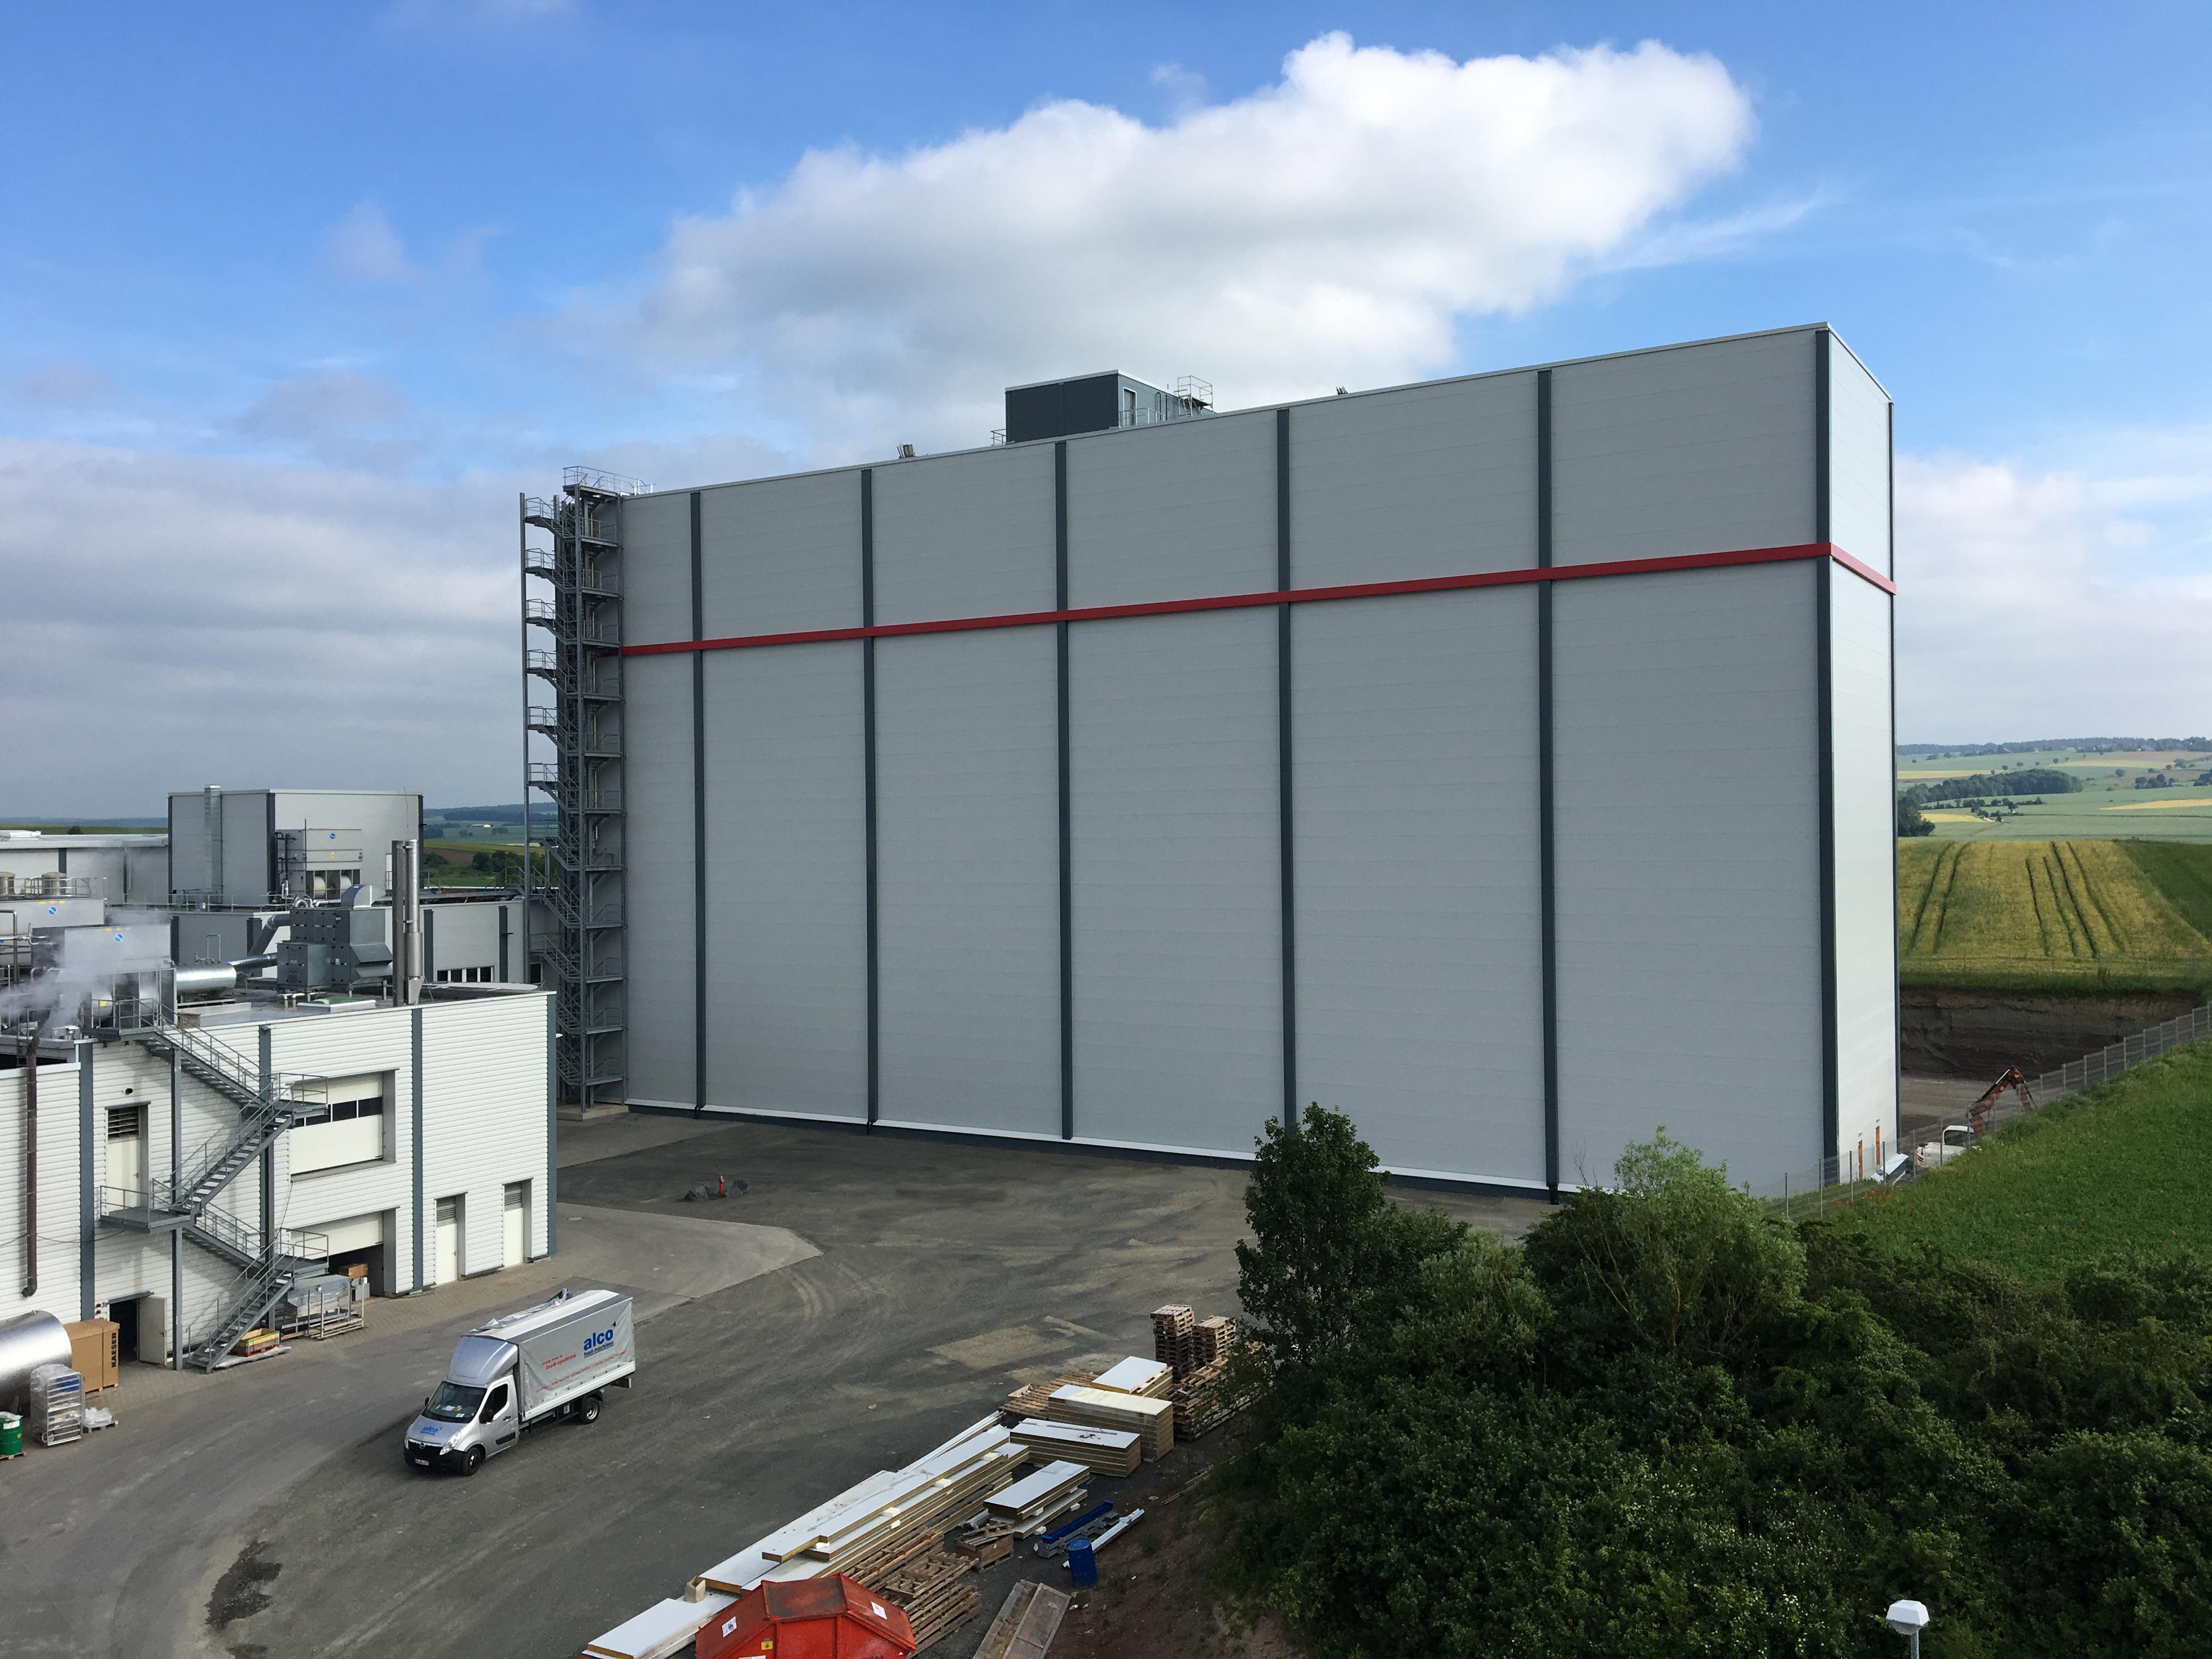 Das neu errichtete Hochregallager wird eingeweiht und bietet Platz für 8.160 Paletten